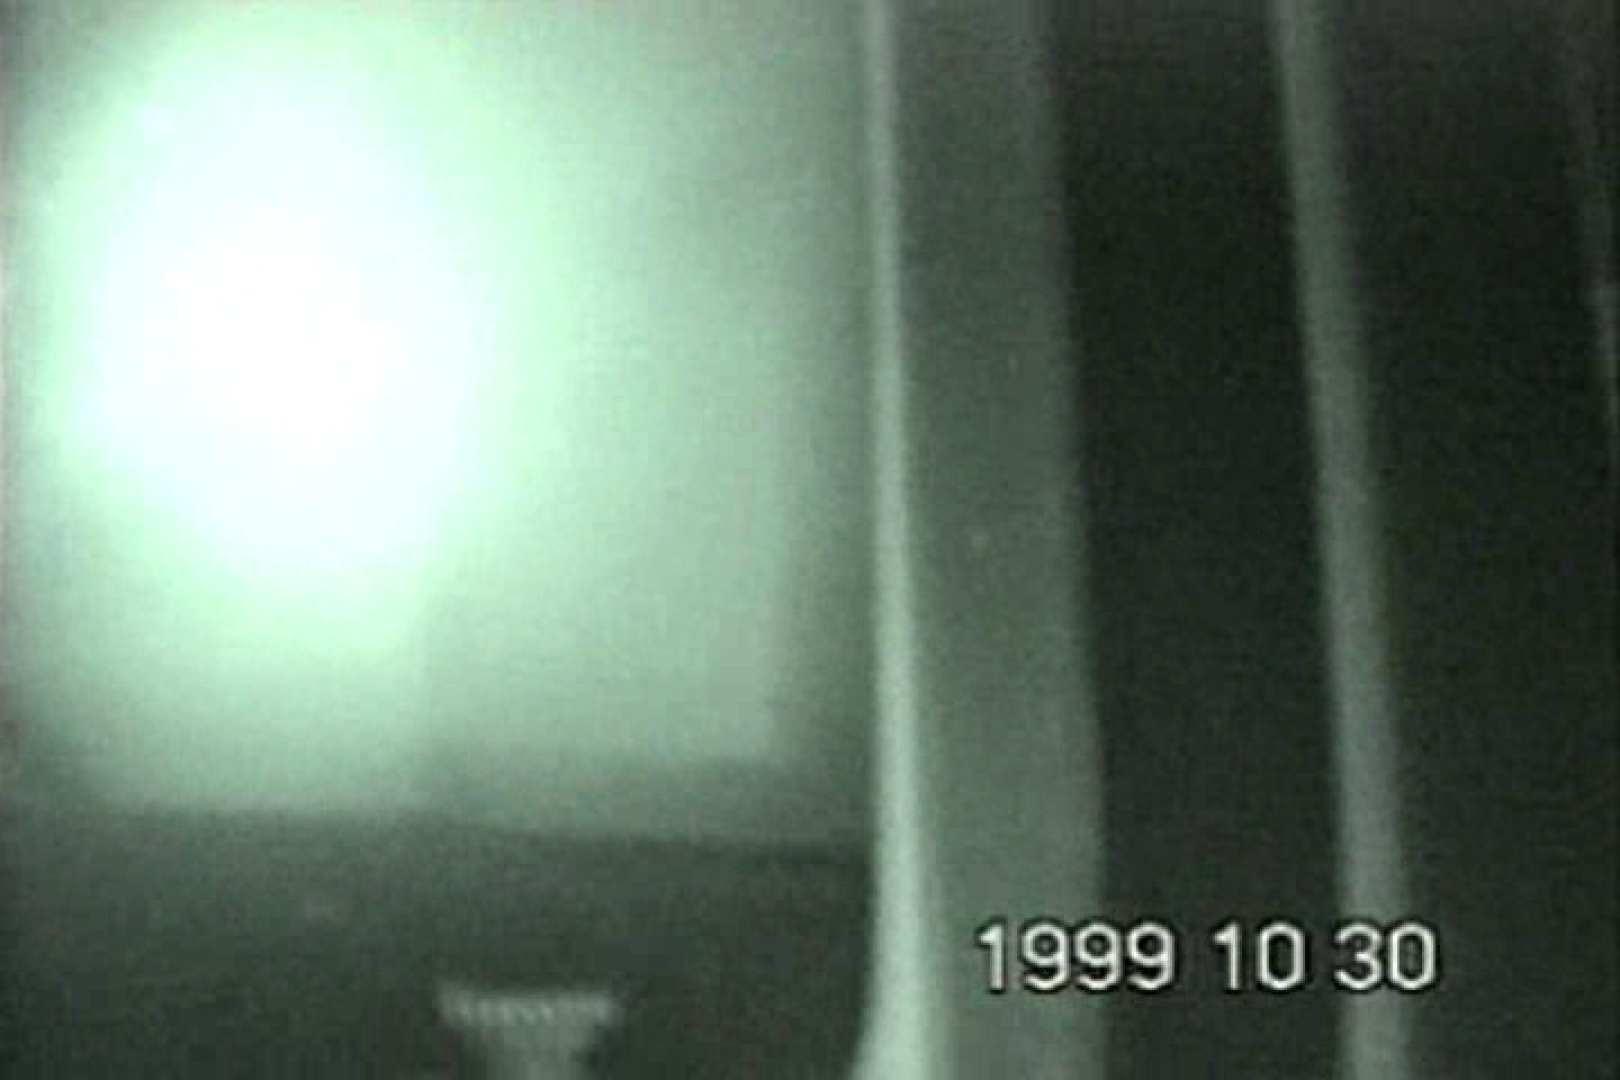 蔵出し!!赤外線カーセックスVol.5 赤外線 | エッチなセックス  74画像 21